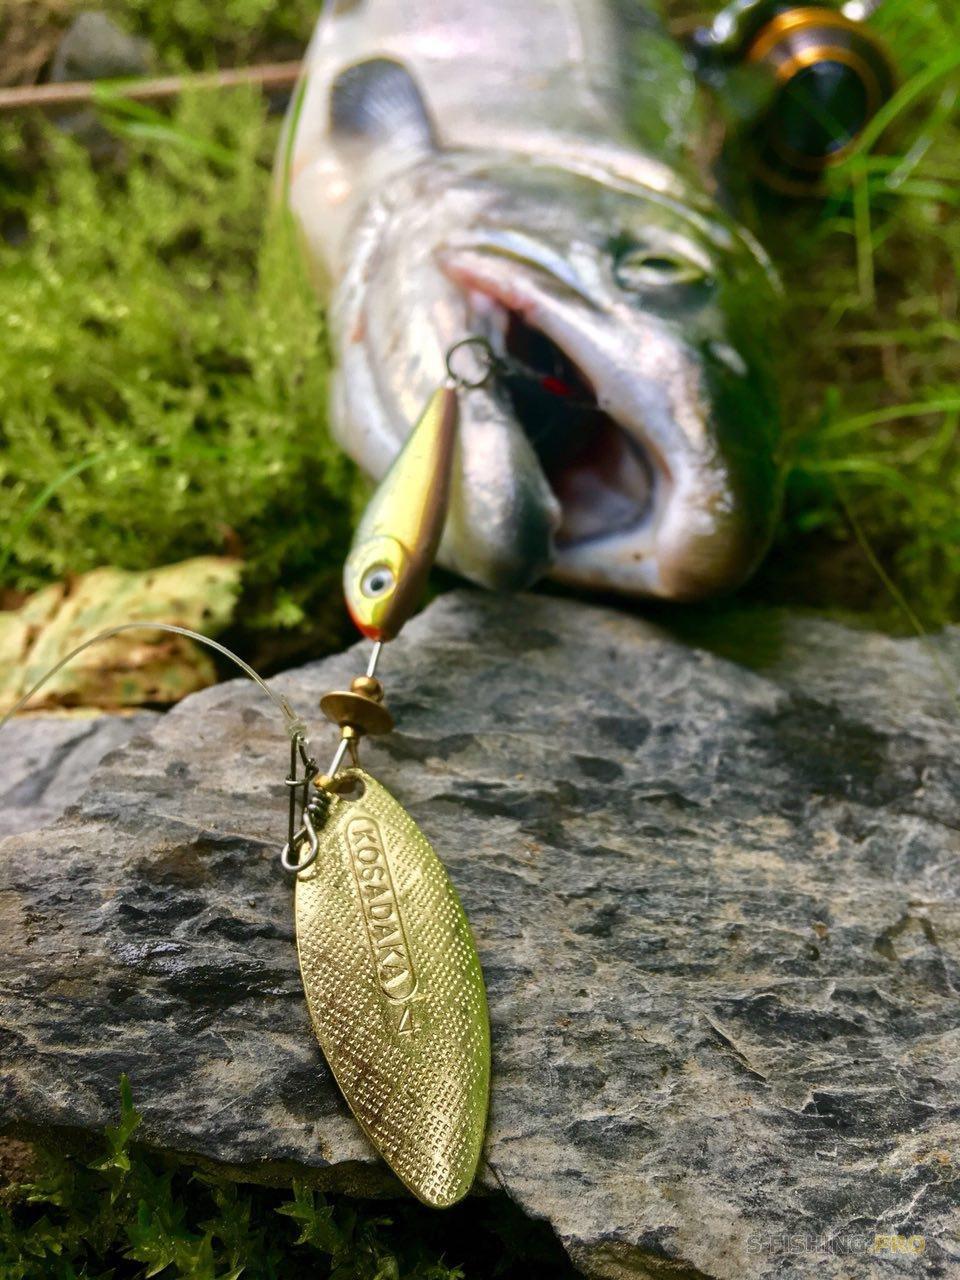 Обзоры: Вертушки kosadaka quant,испытание лососем